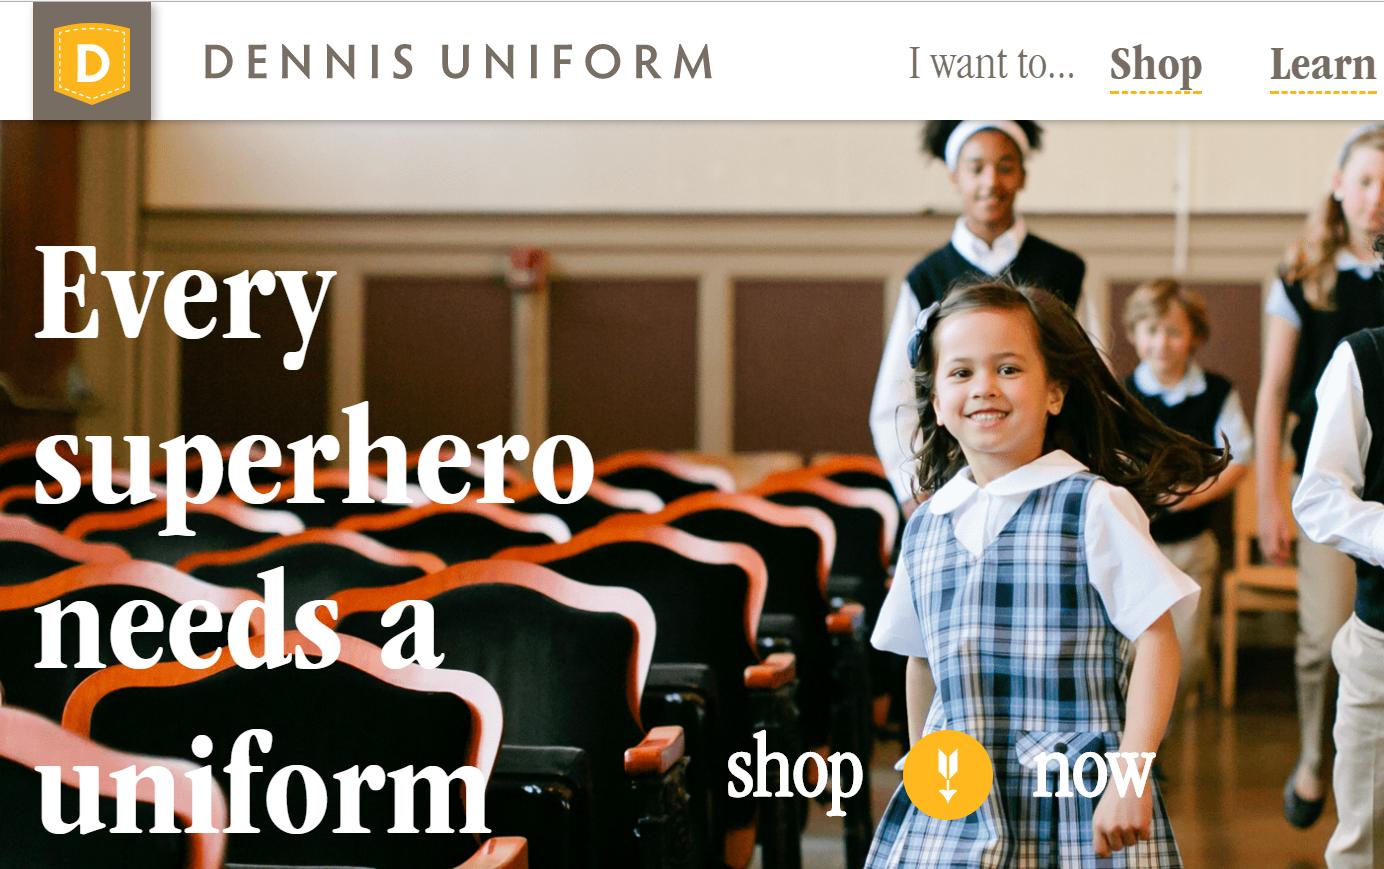 私募基金Spanos Barber 投资北美历史最悠久的校服供应商Dennis Uniform